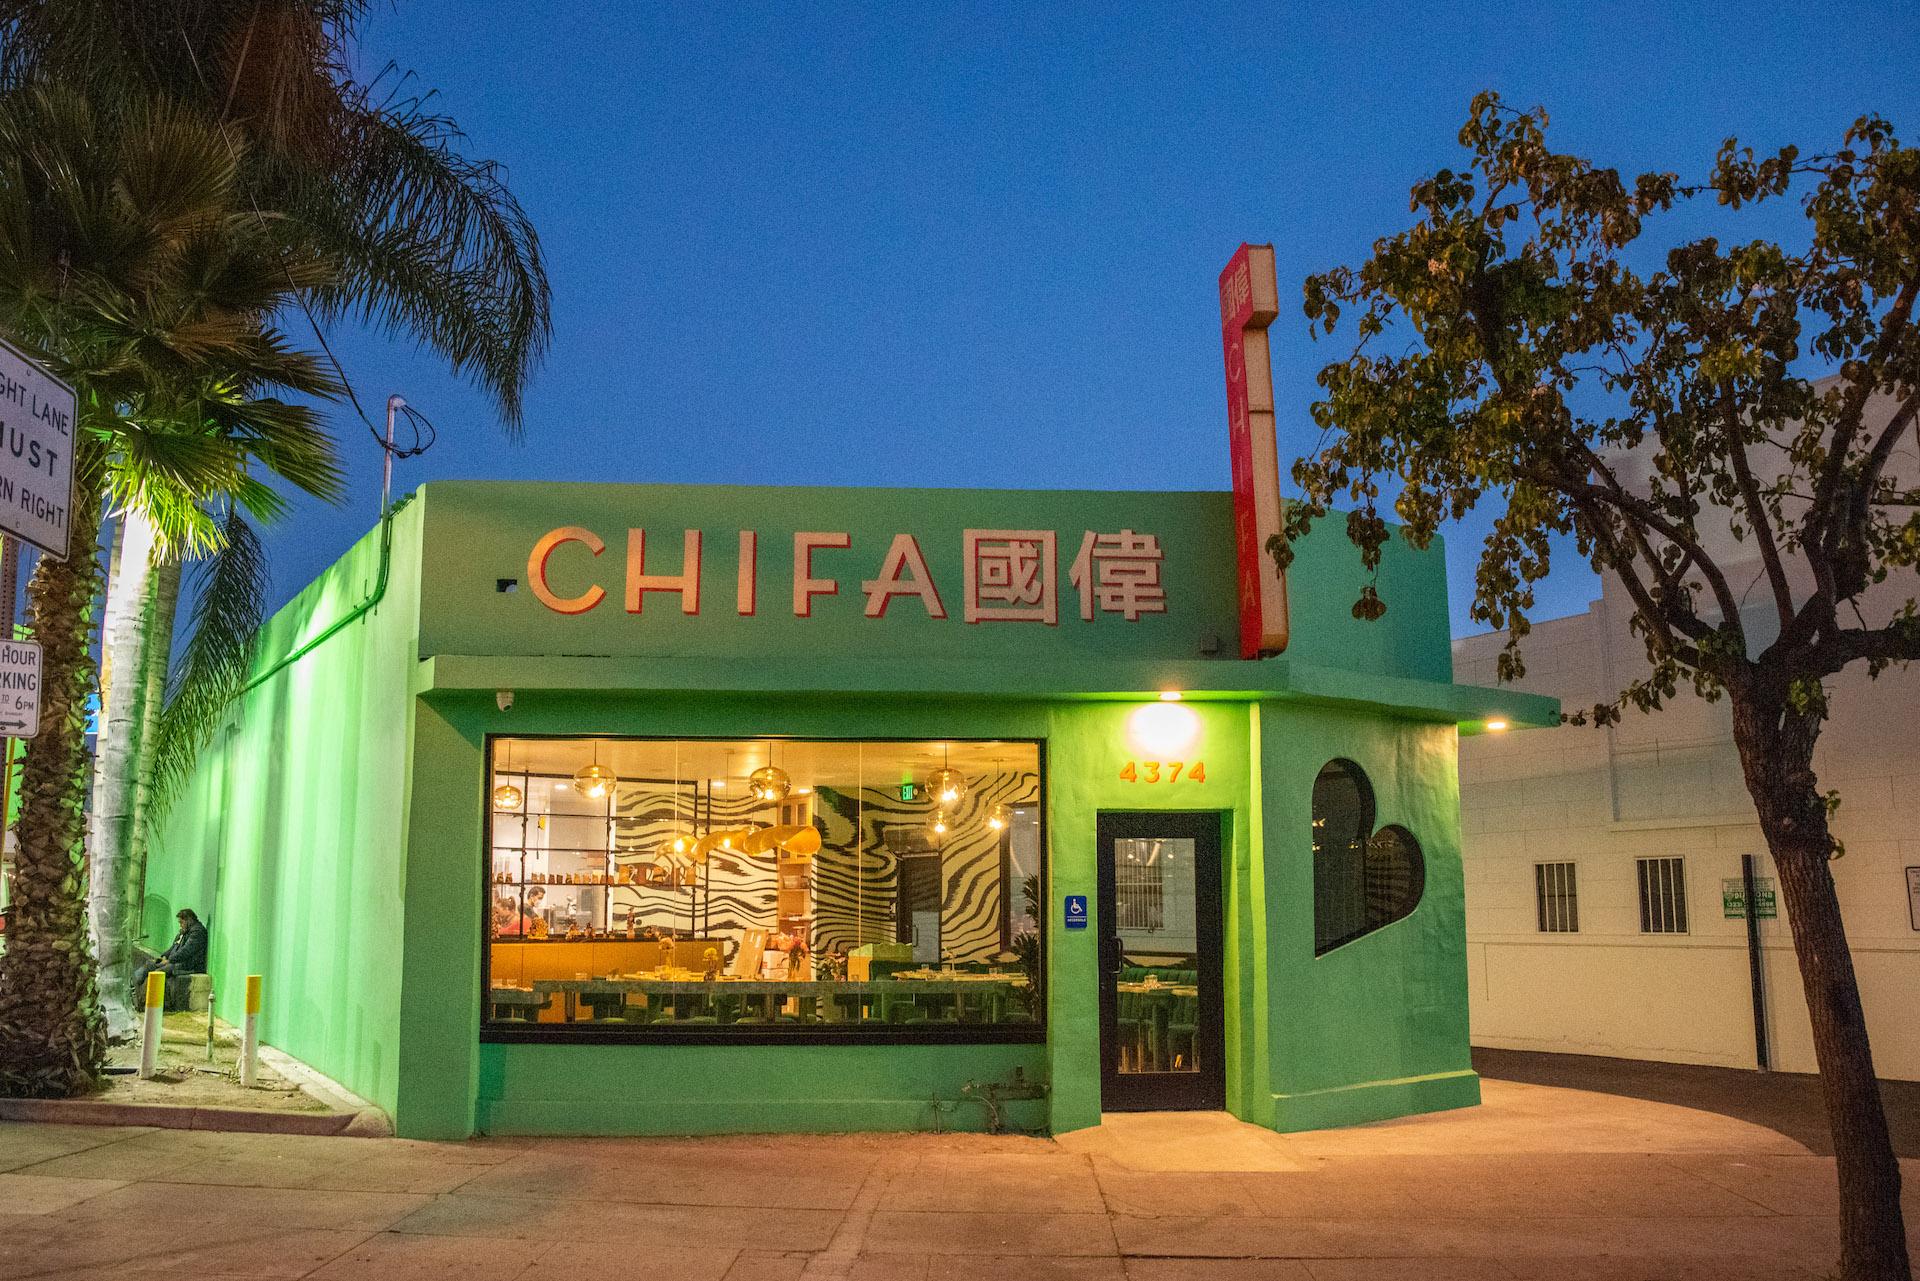 chifa-restaurant:-il-nuovo-capitolo-di-una-storia-di-famiglia